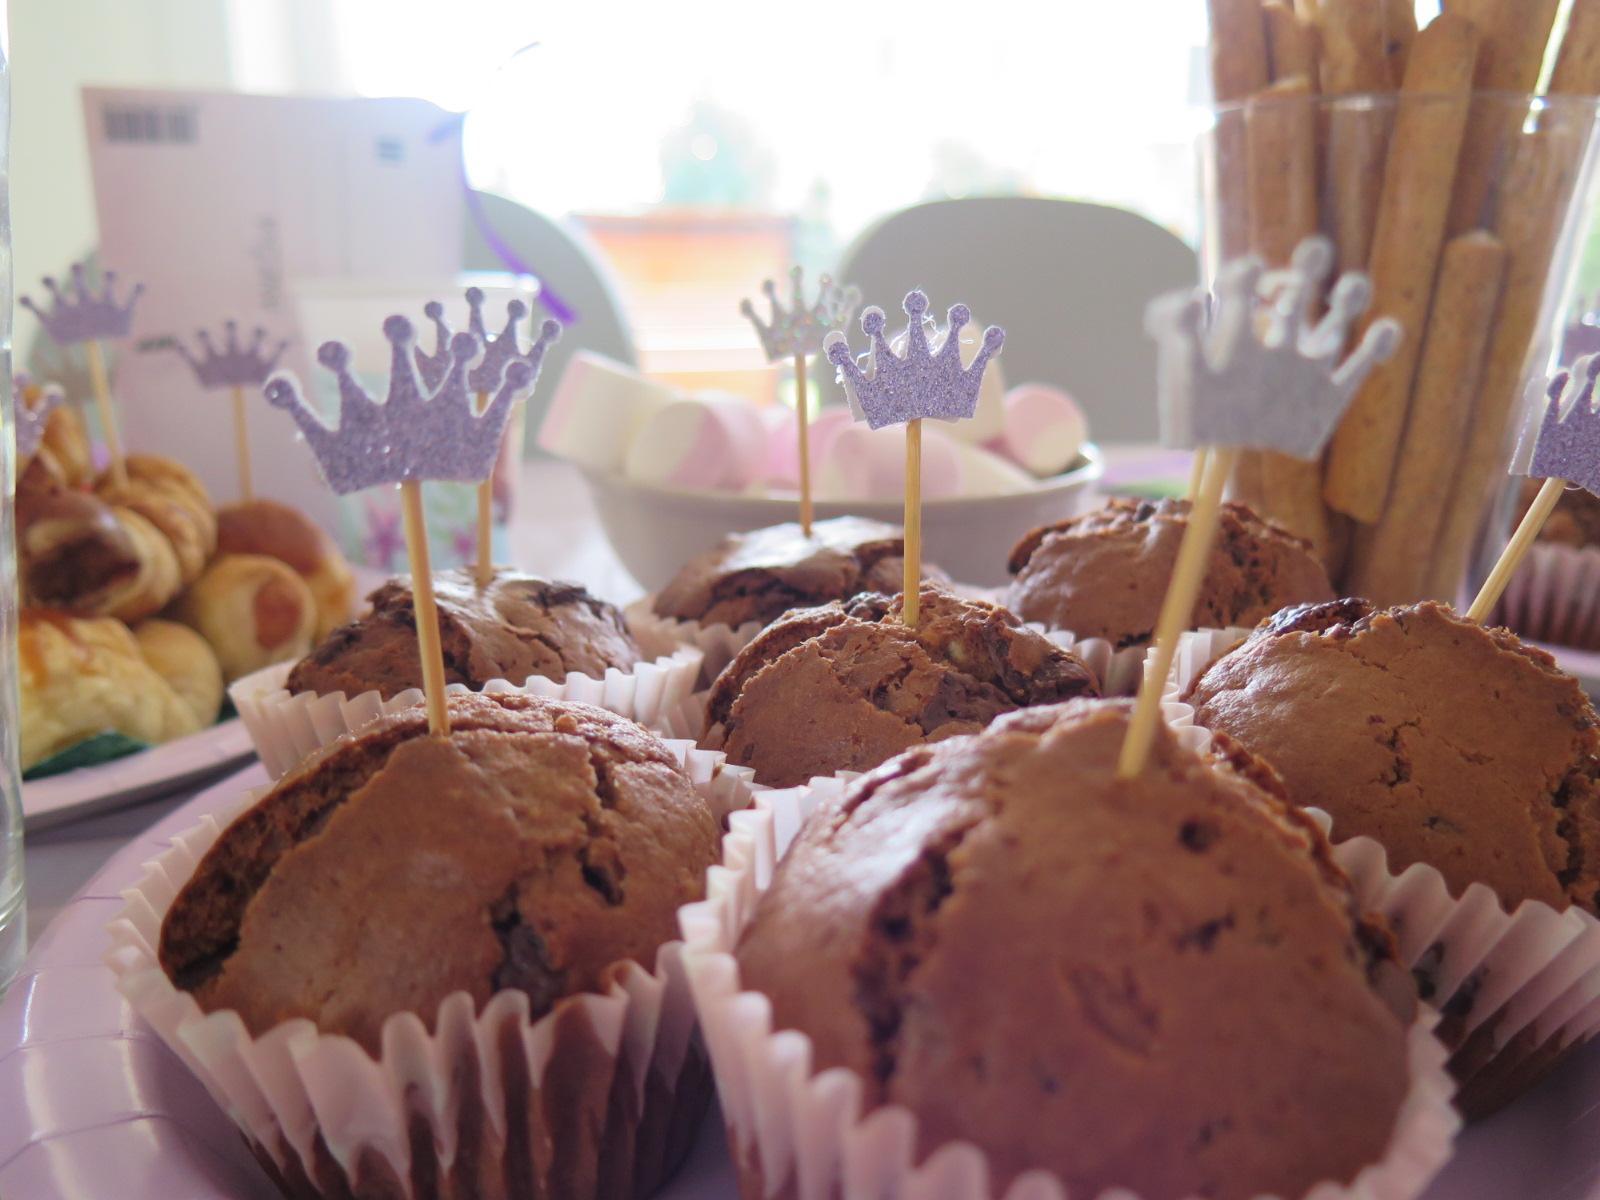 Doma i v zahradě - Oblíbené čokoládové  muffiny